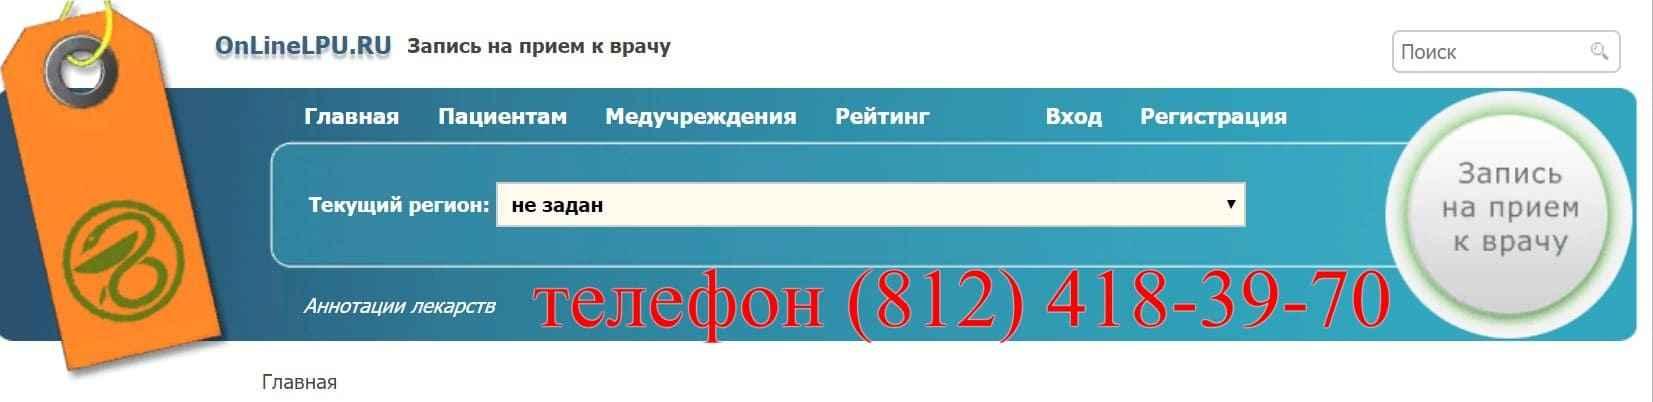 Onlinelpu самозапись к врачу